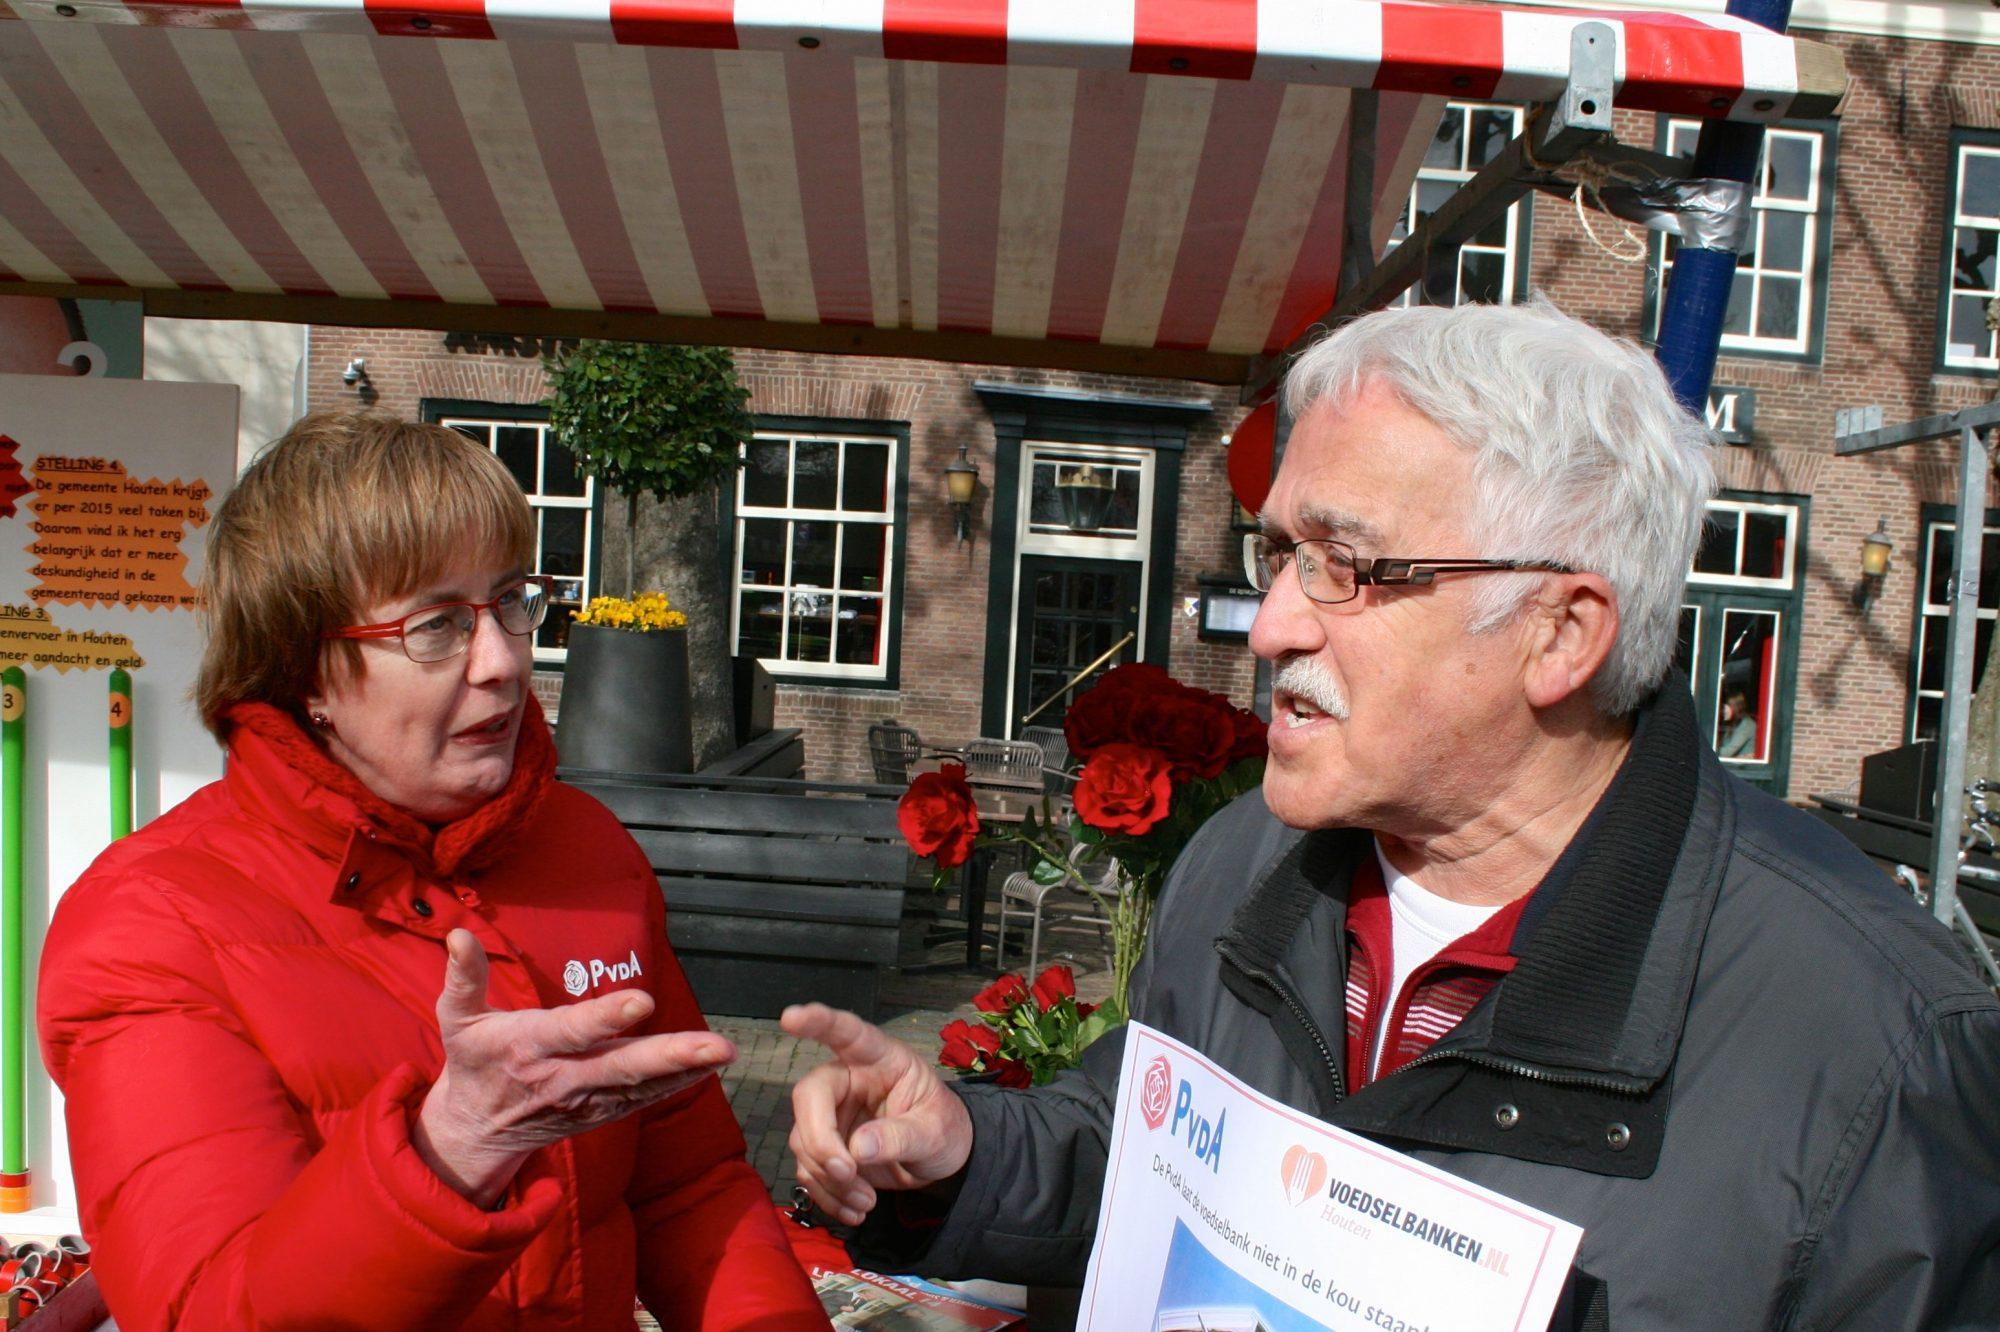 Ben de Jong (Voedselbank) en Yvonne Koning (PvdA) in discussie